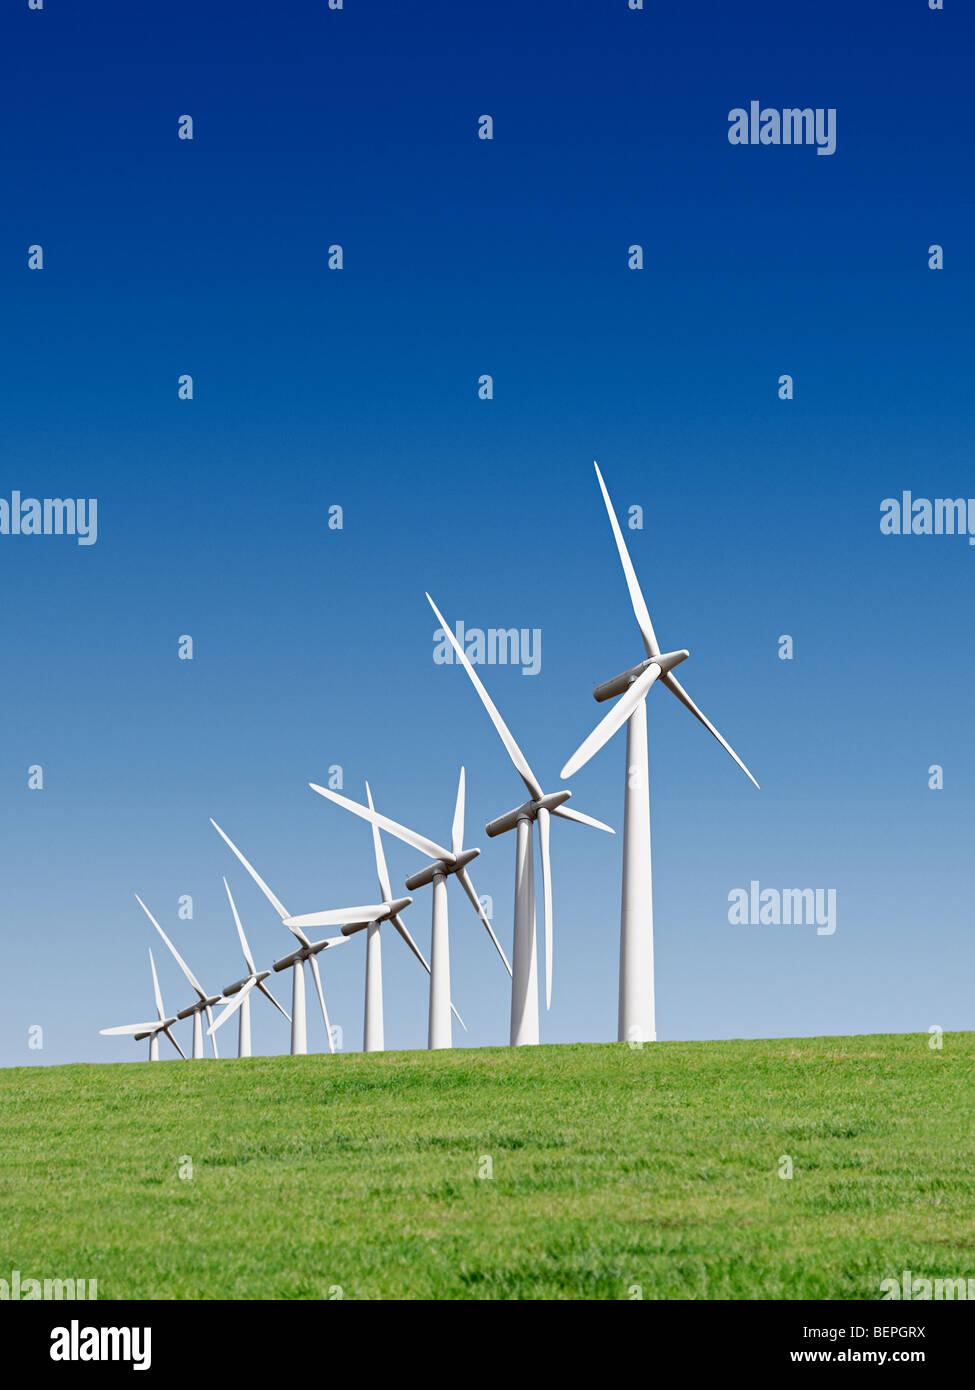 Wind Turbines on a Wind Farm, UK. - Stock Image